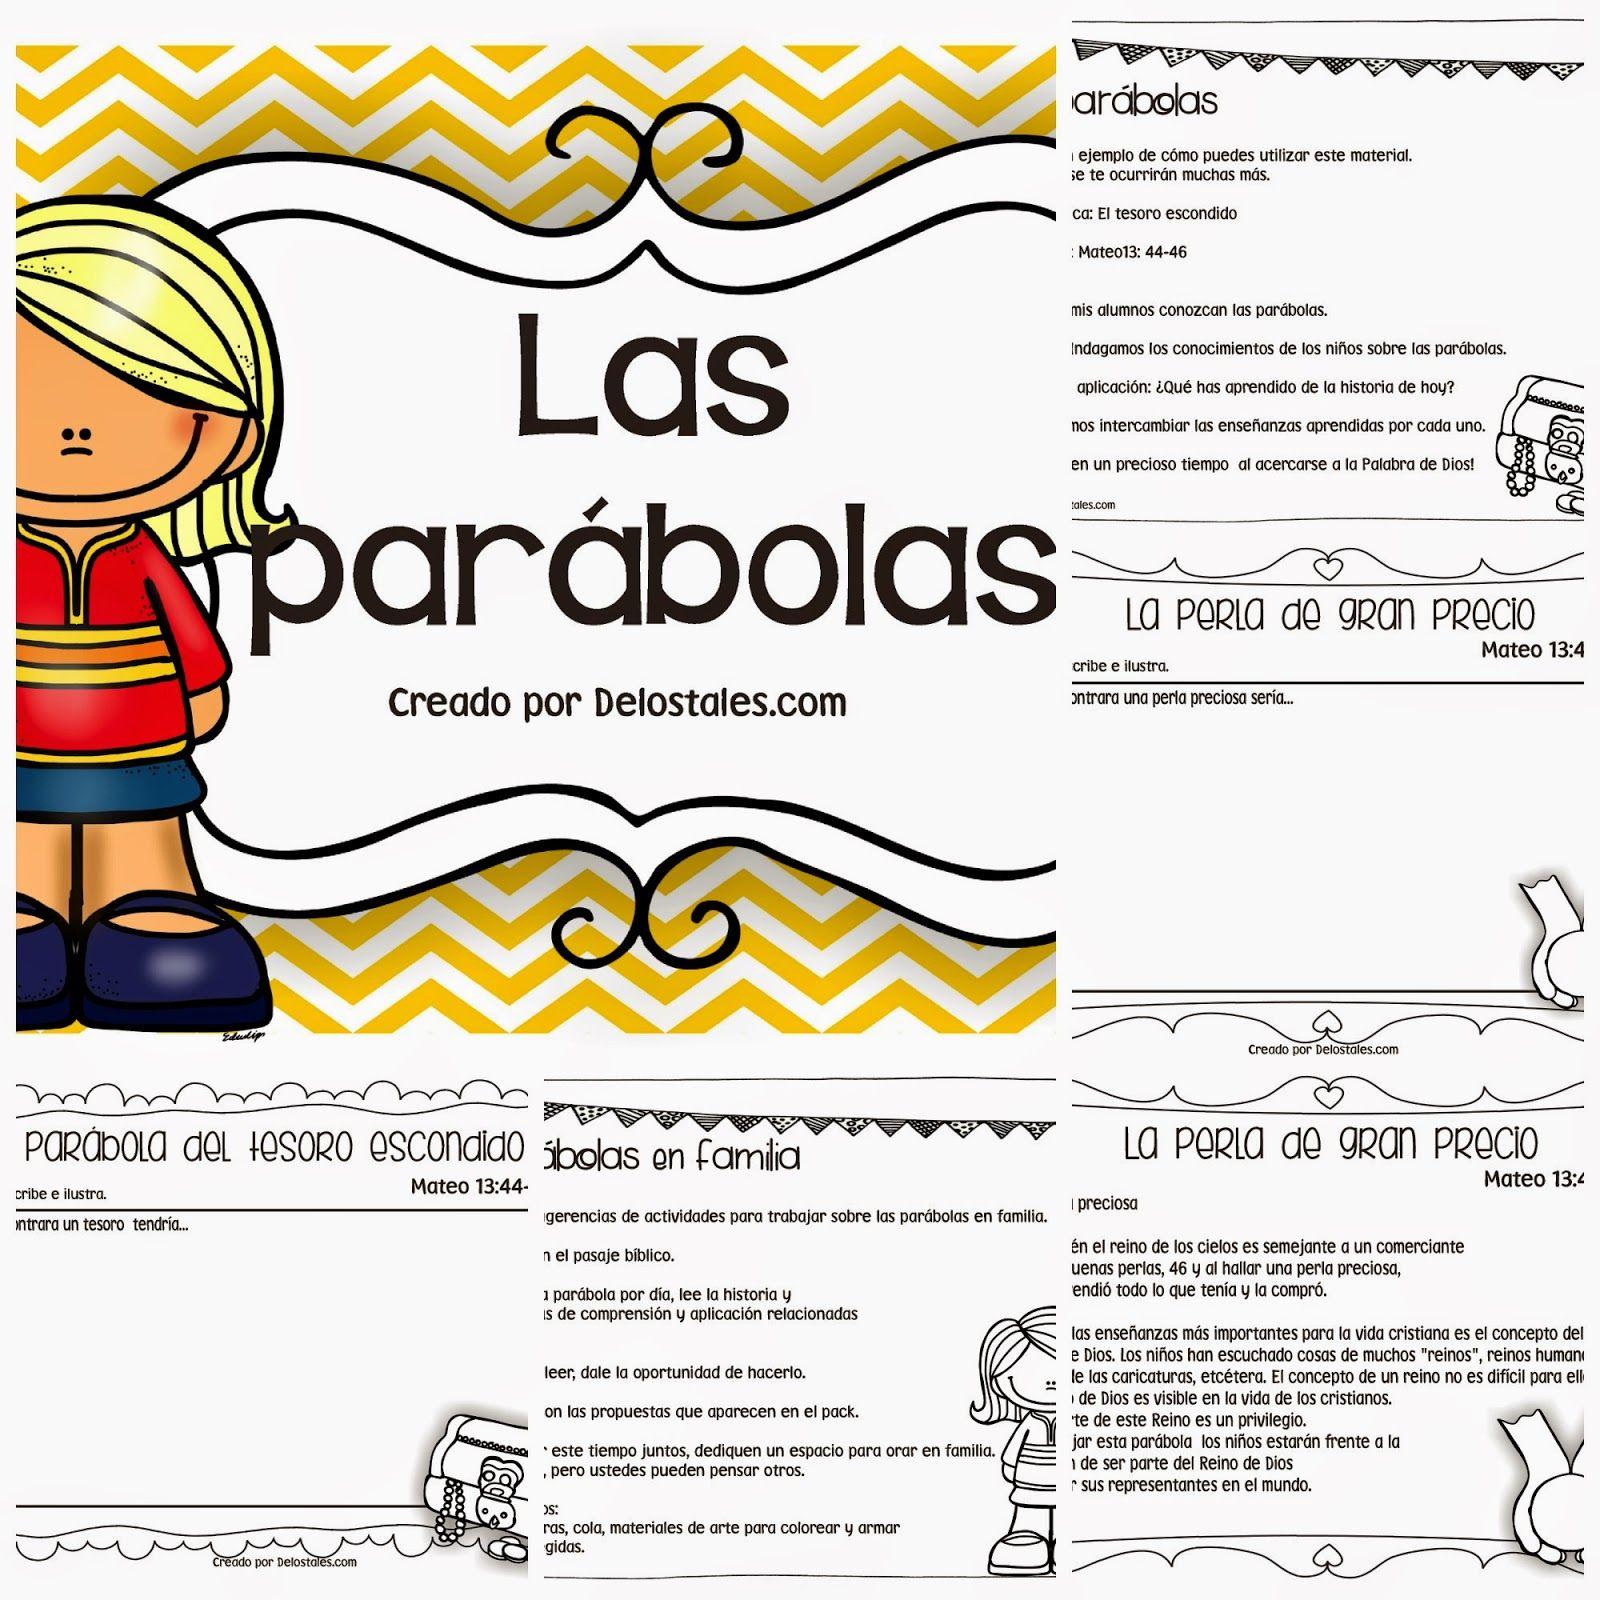 De los tales: Las parábolas de Jesús | Cole | Pinterest | parábolas ...